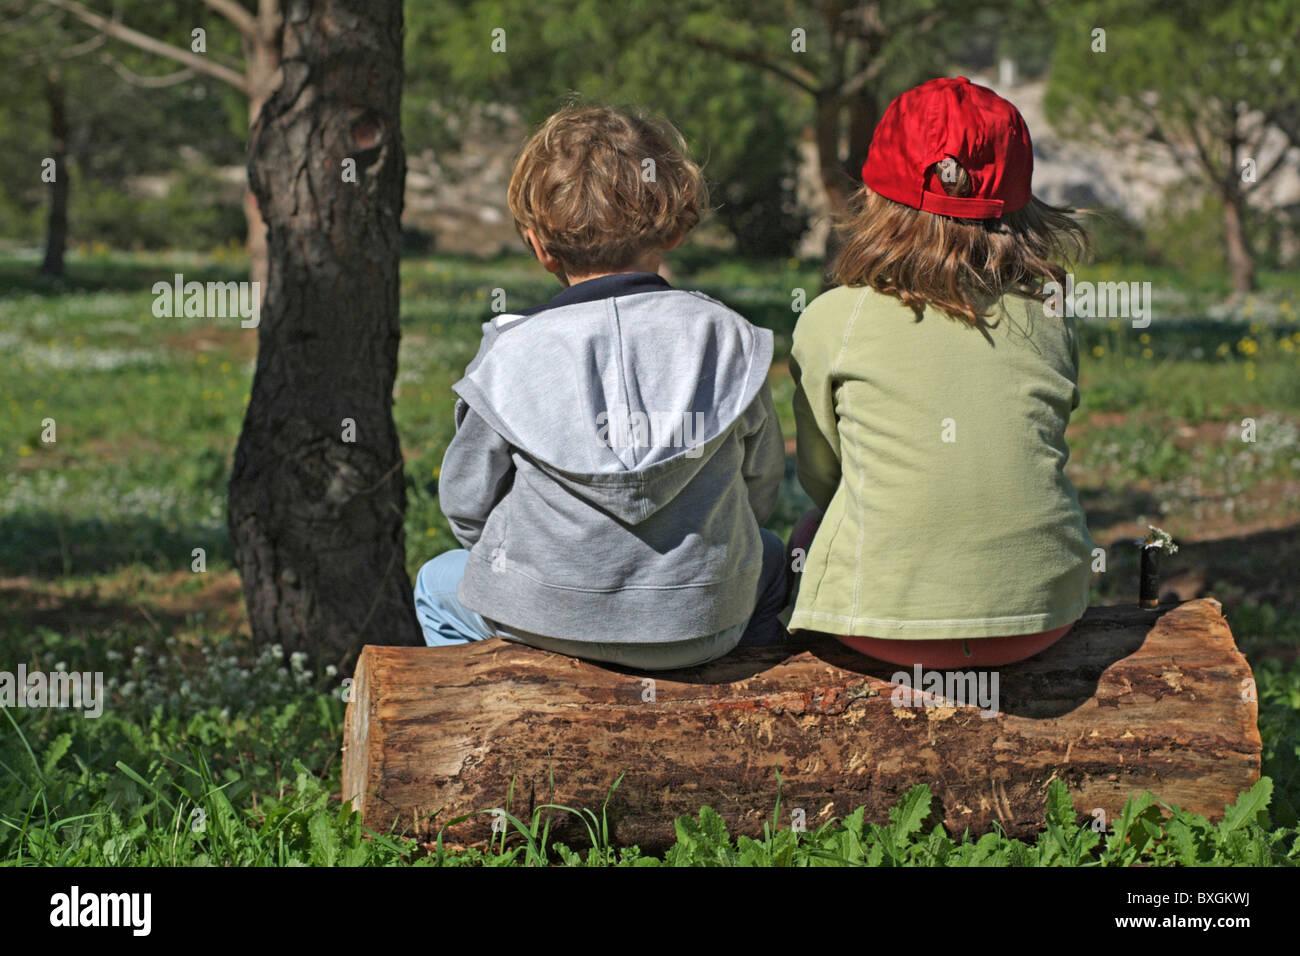 Due piccoli amici seduti su un tronco di albero nella foresta. Immagini Stock